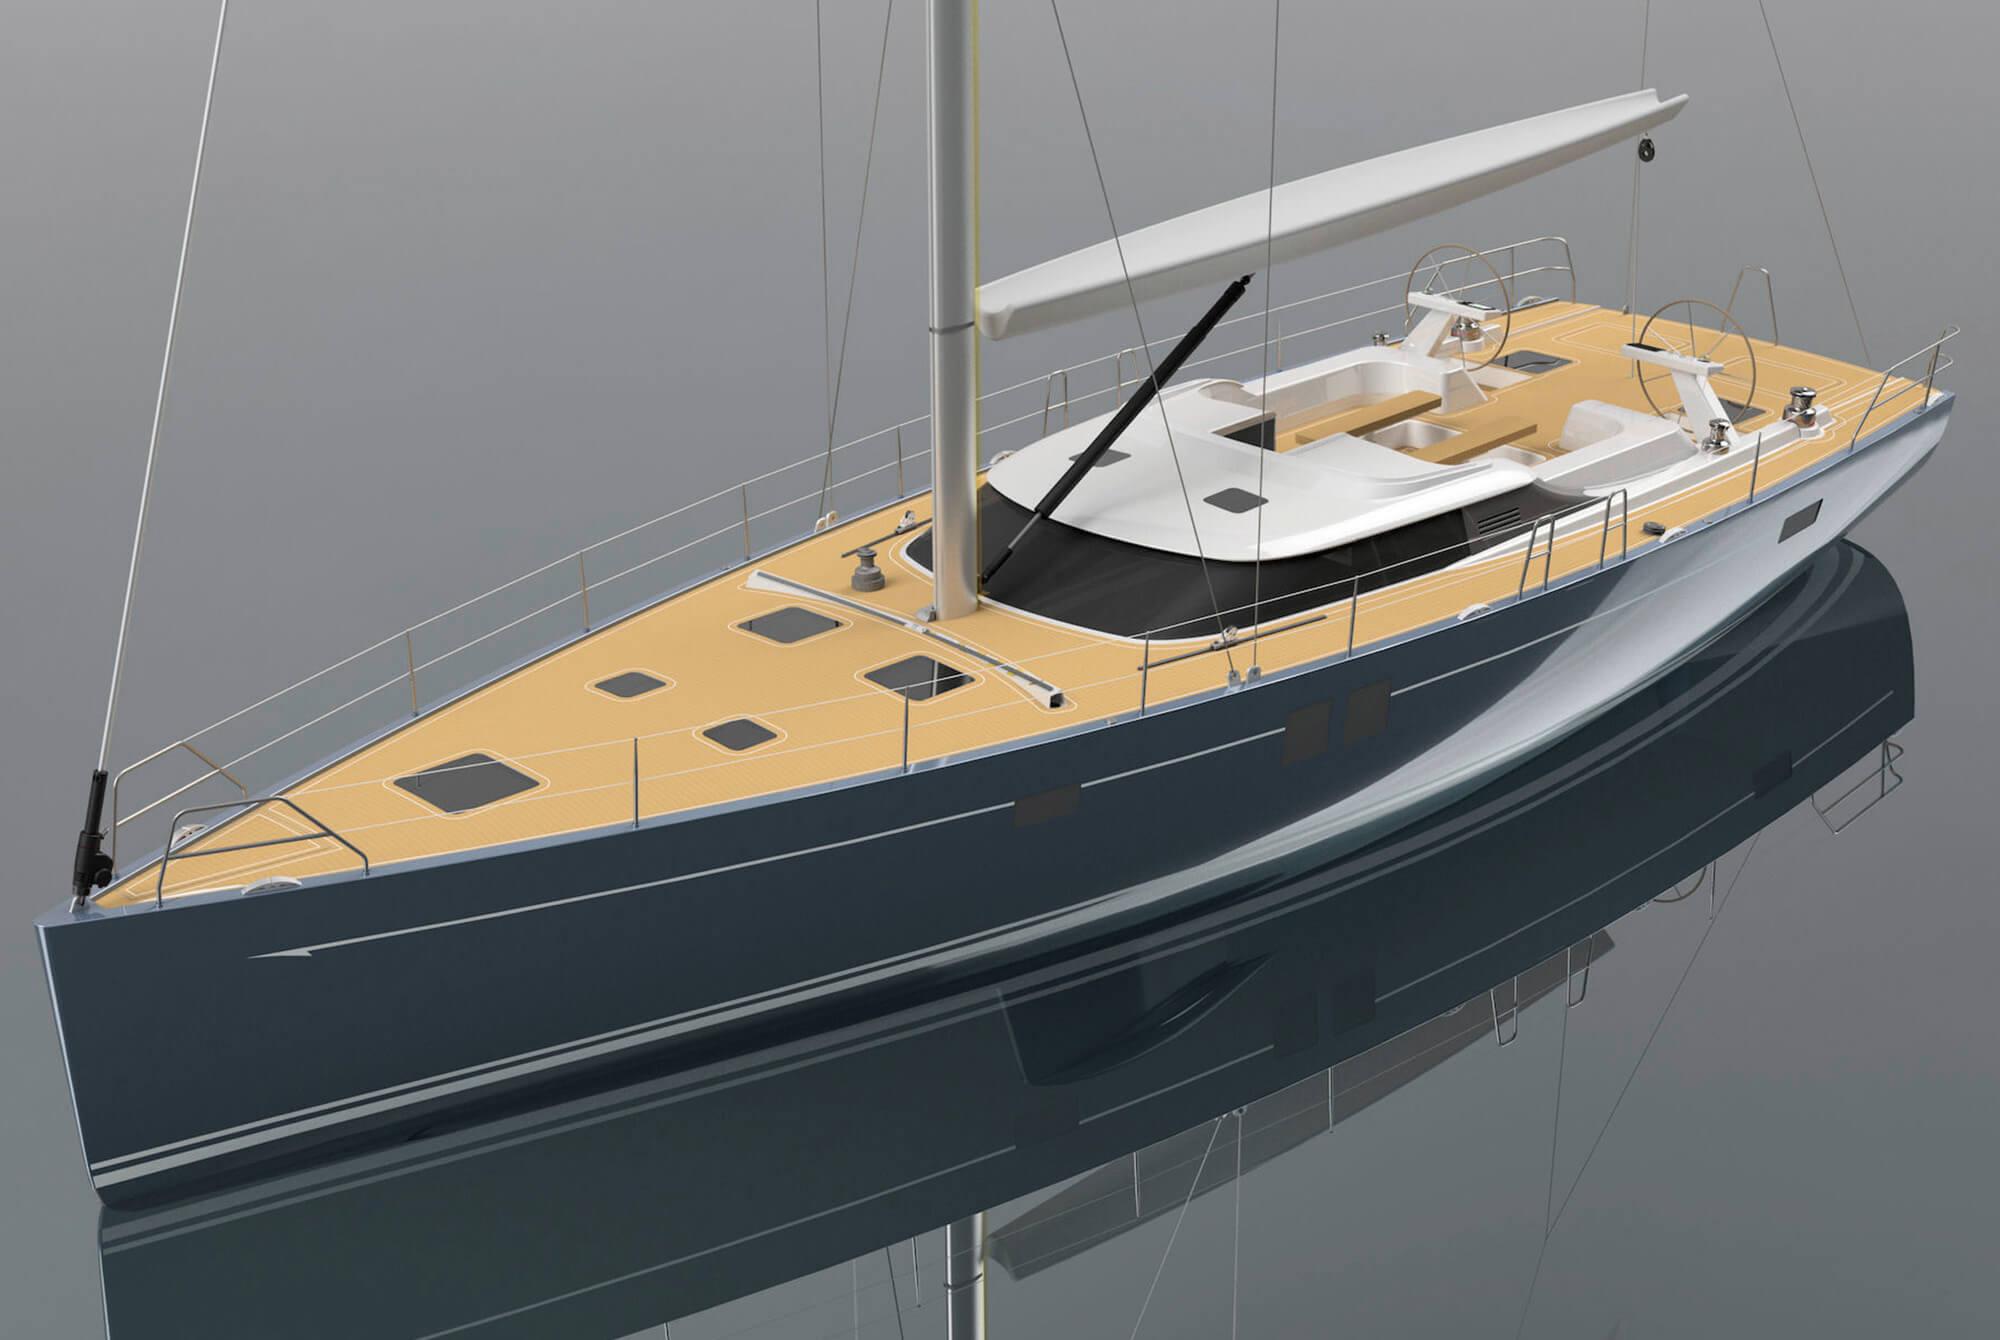 Arne Schmidt Yachts stellt eine neue Familie von Segelyachten vor.